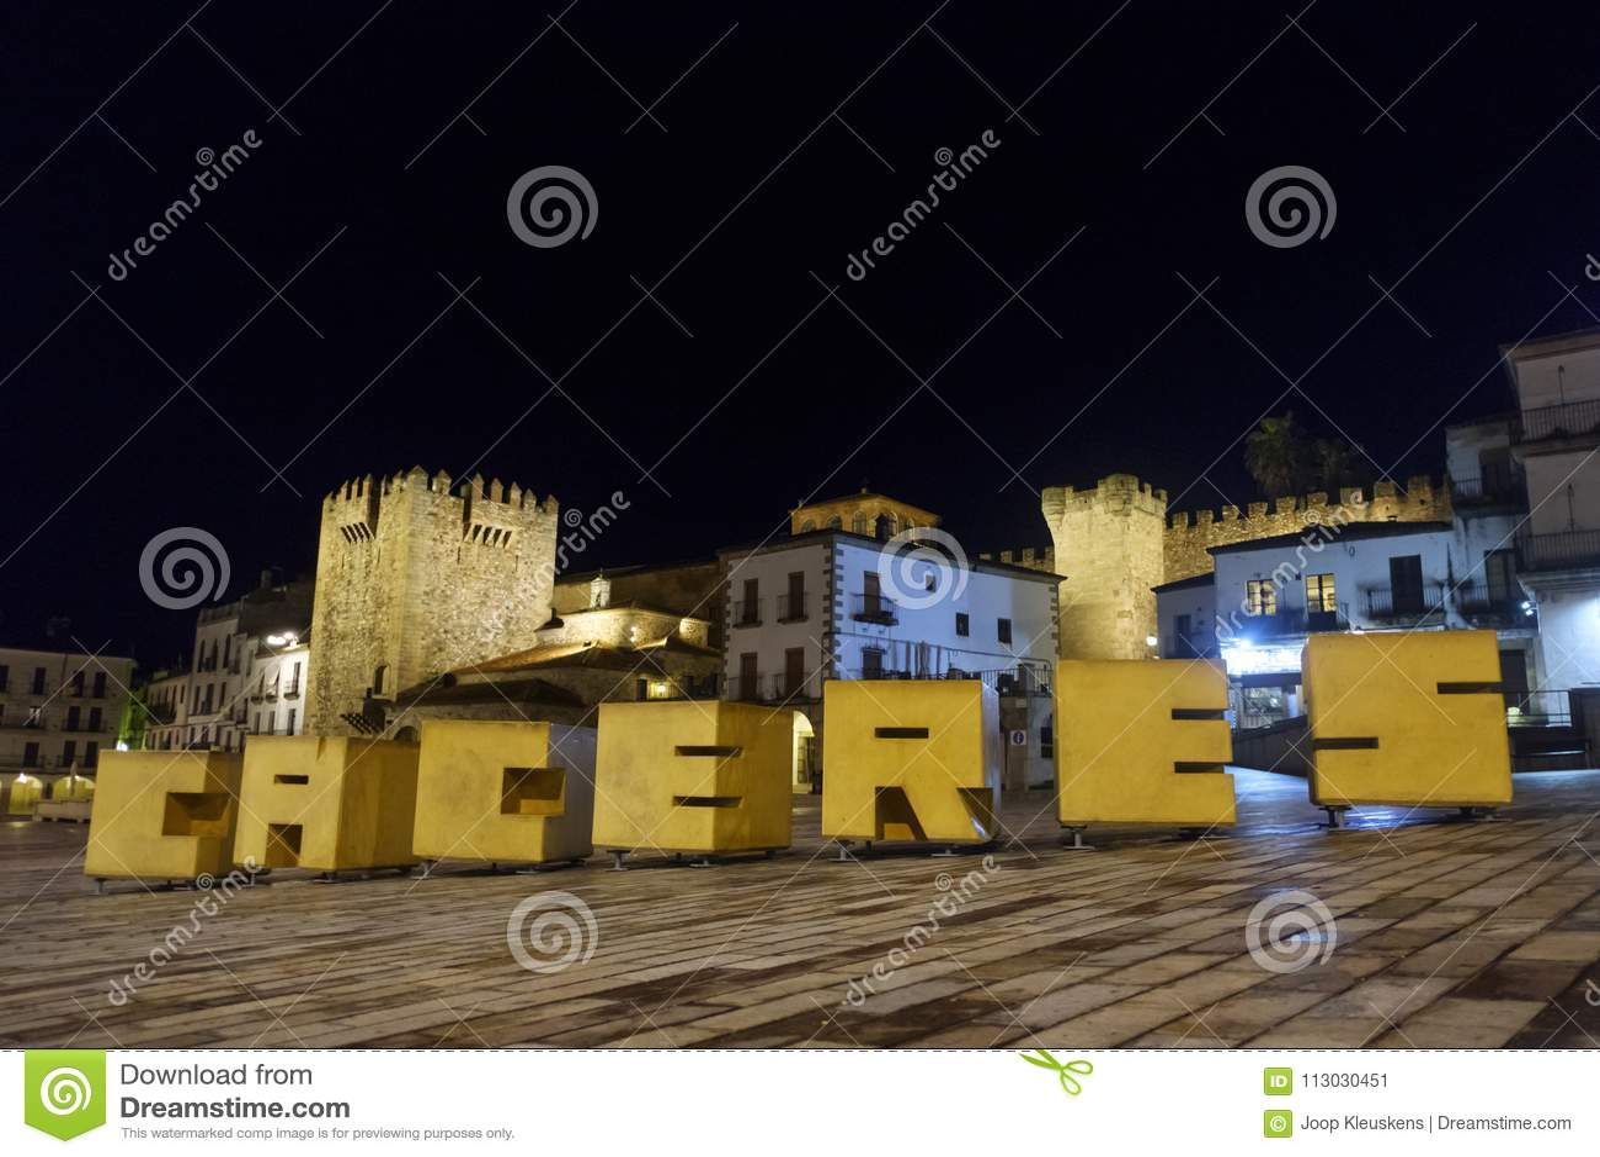 Letras que representan la palabra caceres en la plaza principal en